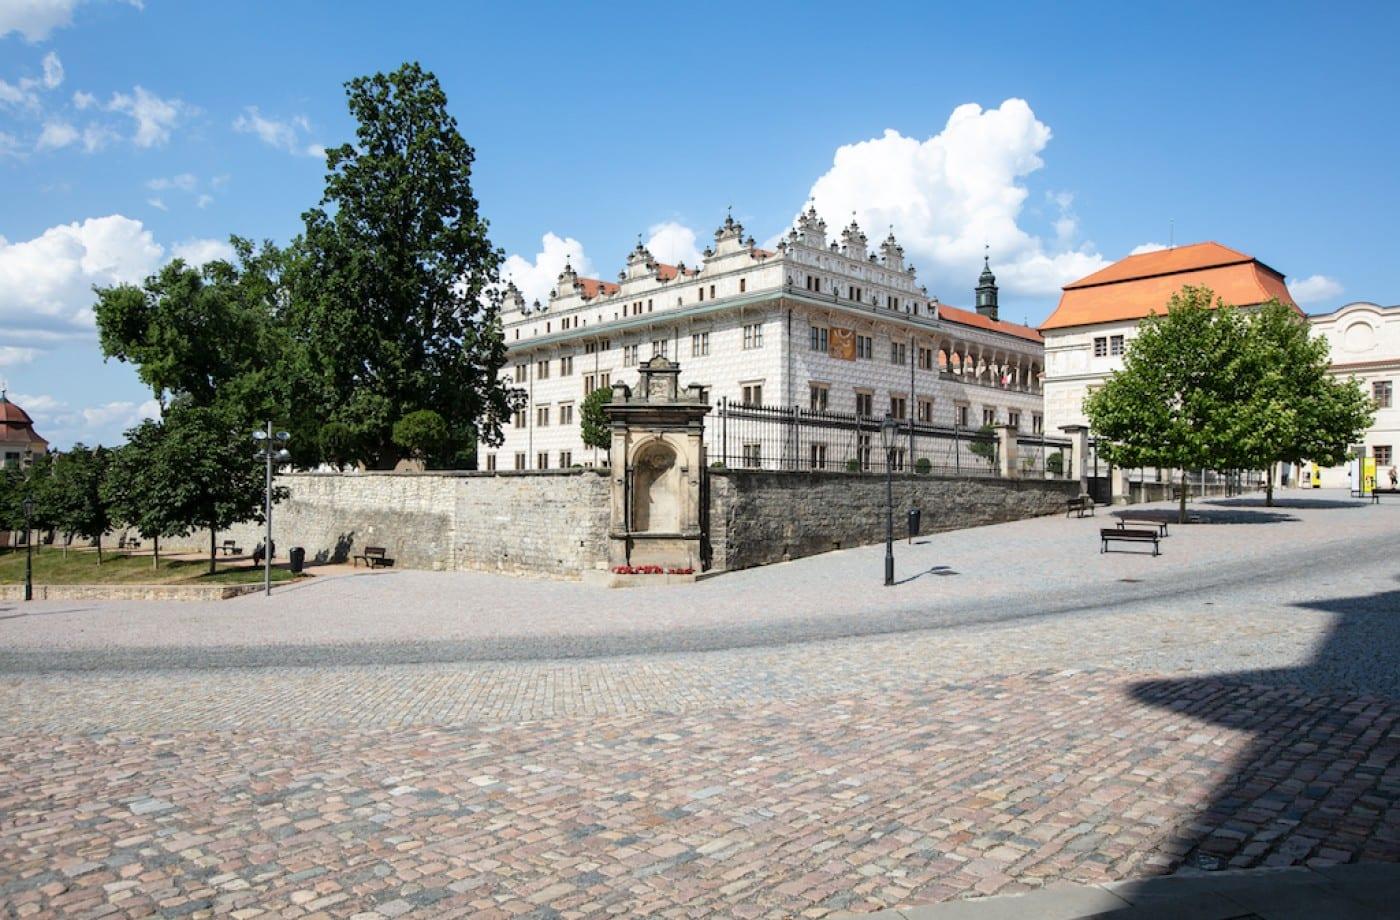 Renowed renaissance castle complex